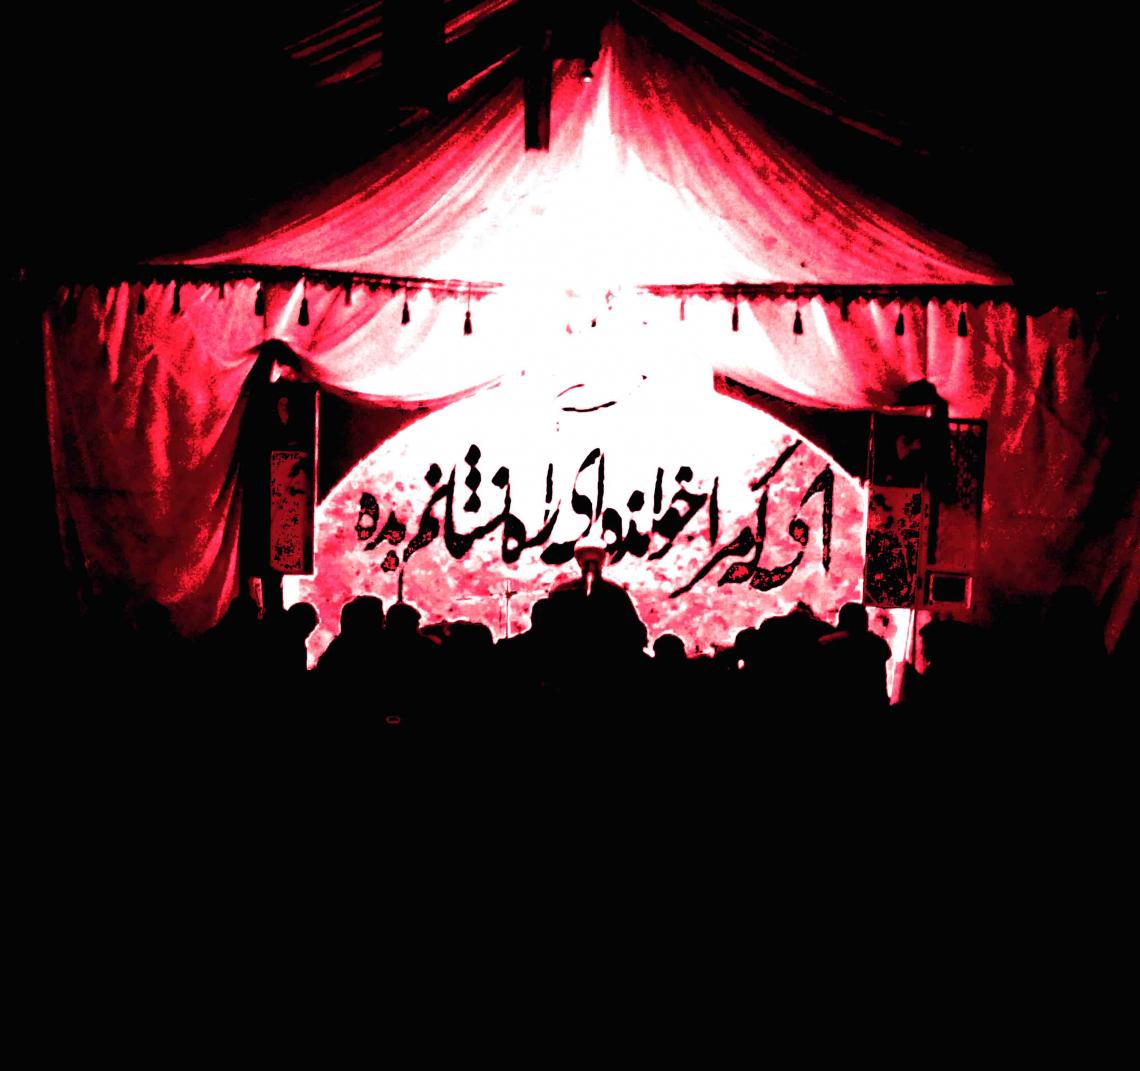 سوگواره سوم-عکس 3-حسین محمدی-جلسه هیأت فضای داخلی